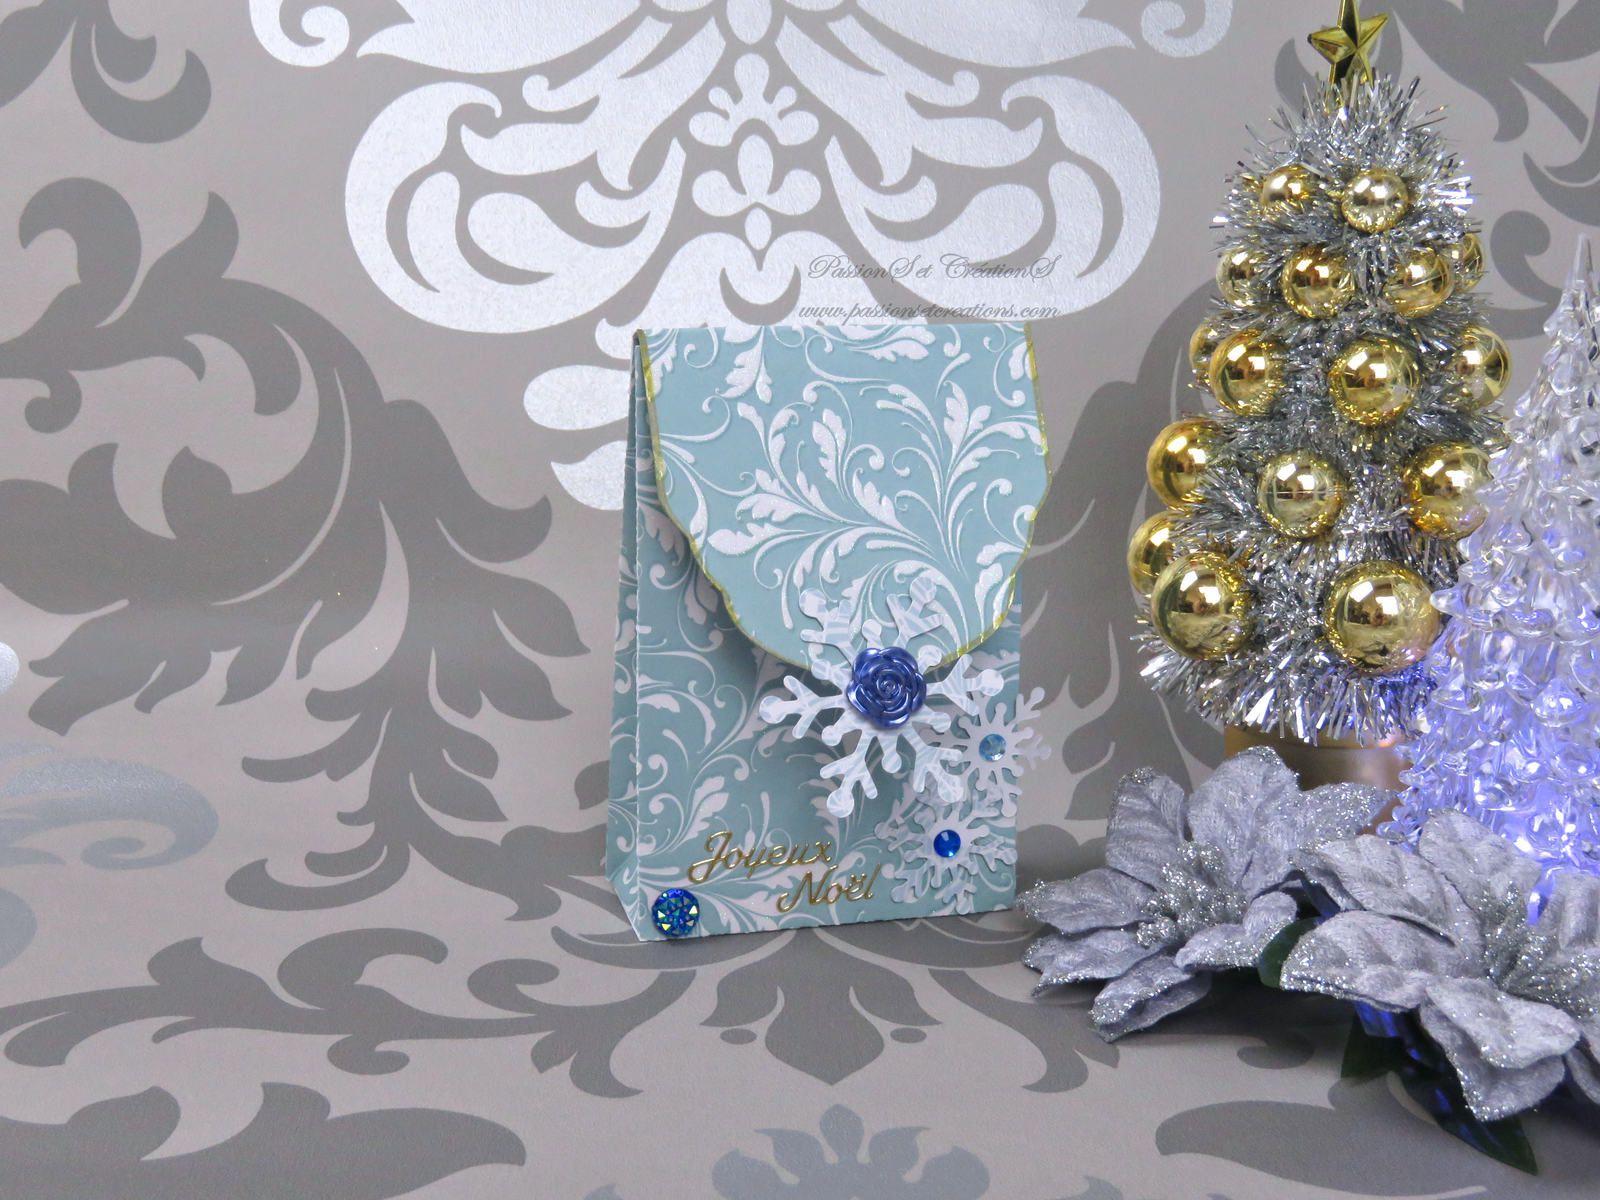 Sac - Sachet - Cadeaux - 2019 - Noël - Flocons - Joyeux - Strass - Stickers - Fleurs - Bleu - Scan N Cut - CM600 - Canvas Workspace